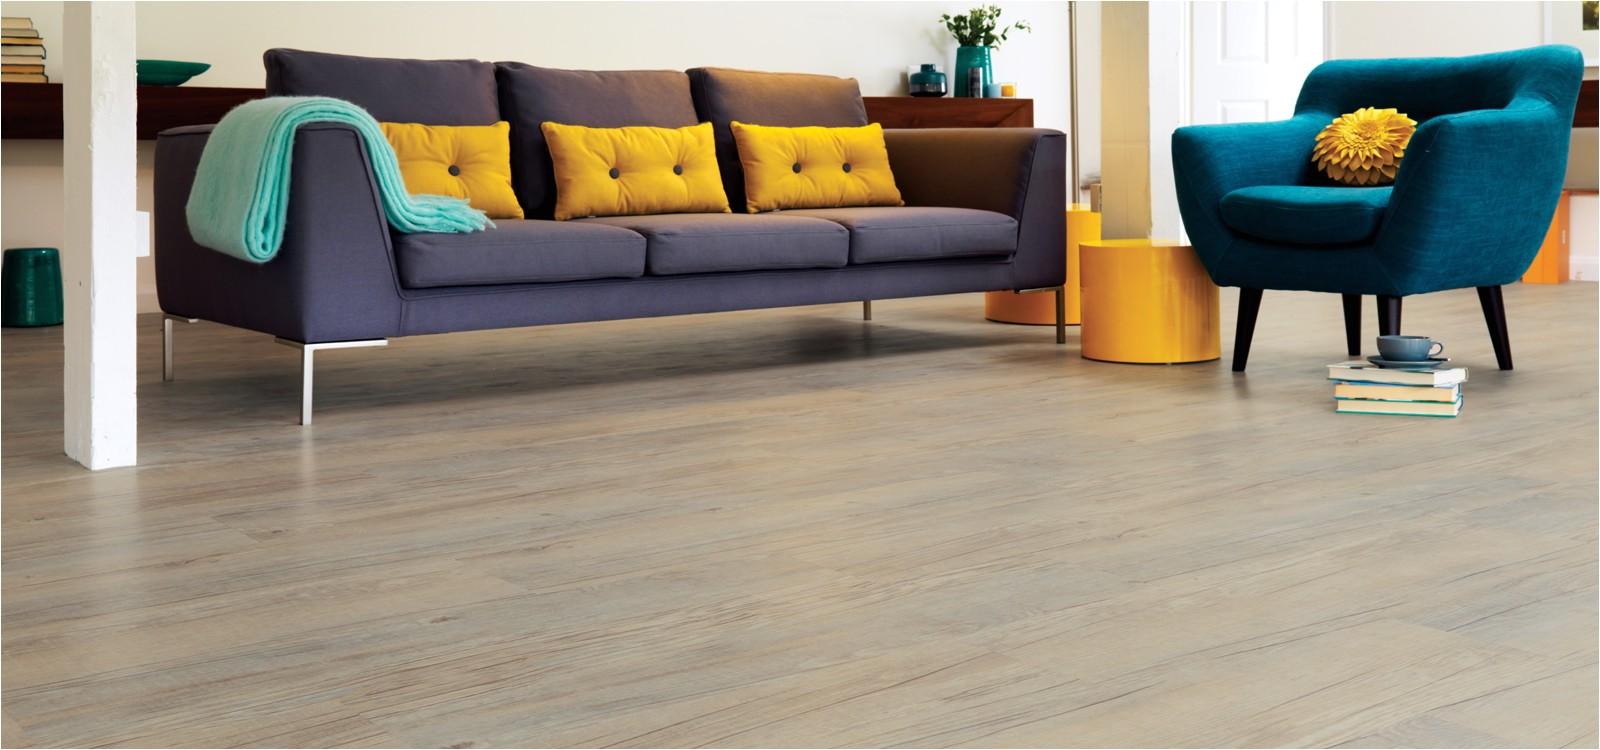 llp92 country oak living room flooring looselay